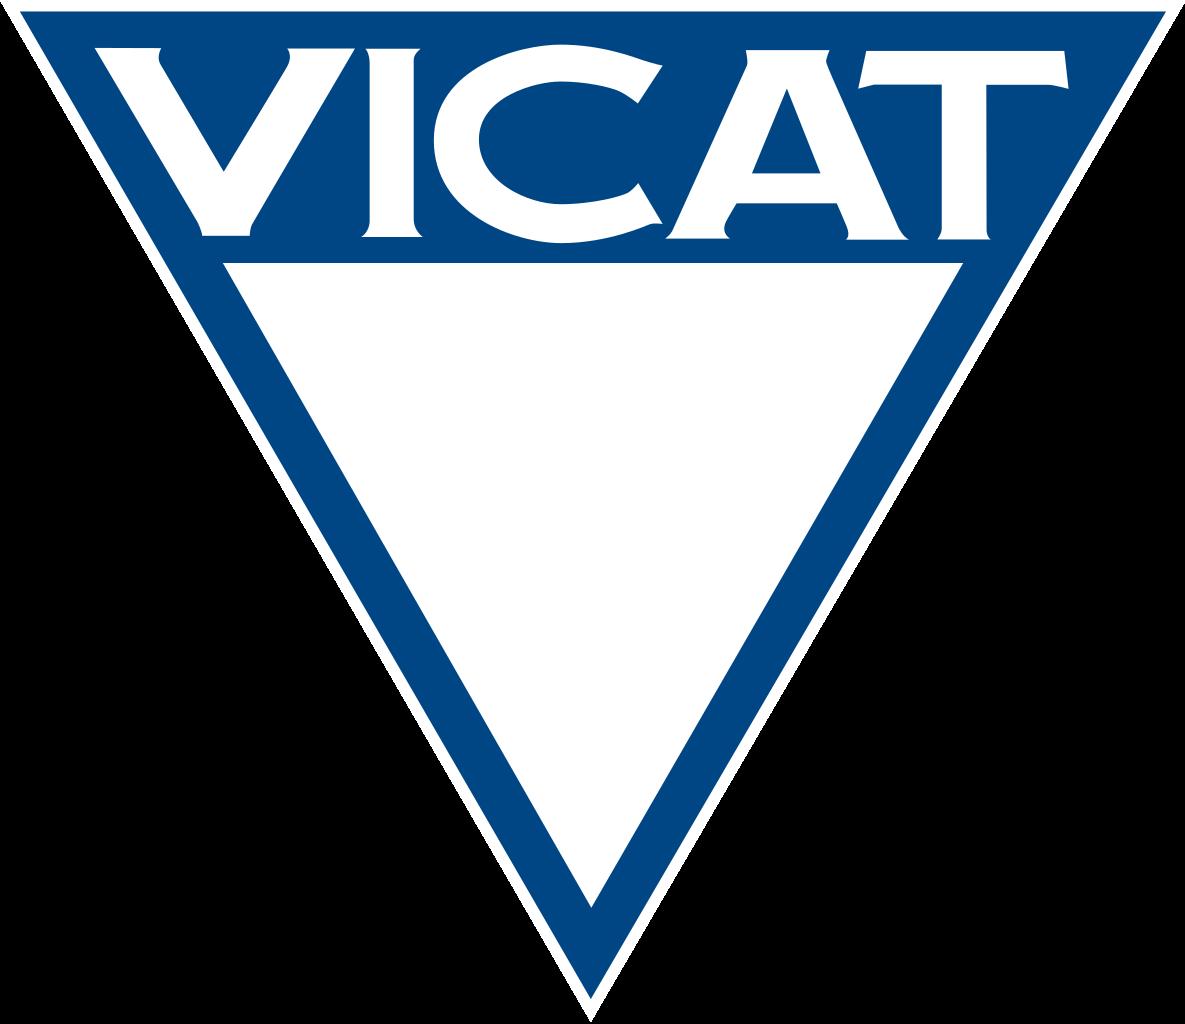 marque VICAT